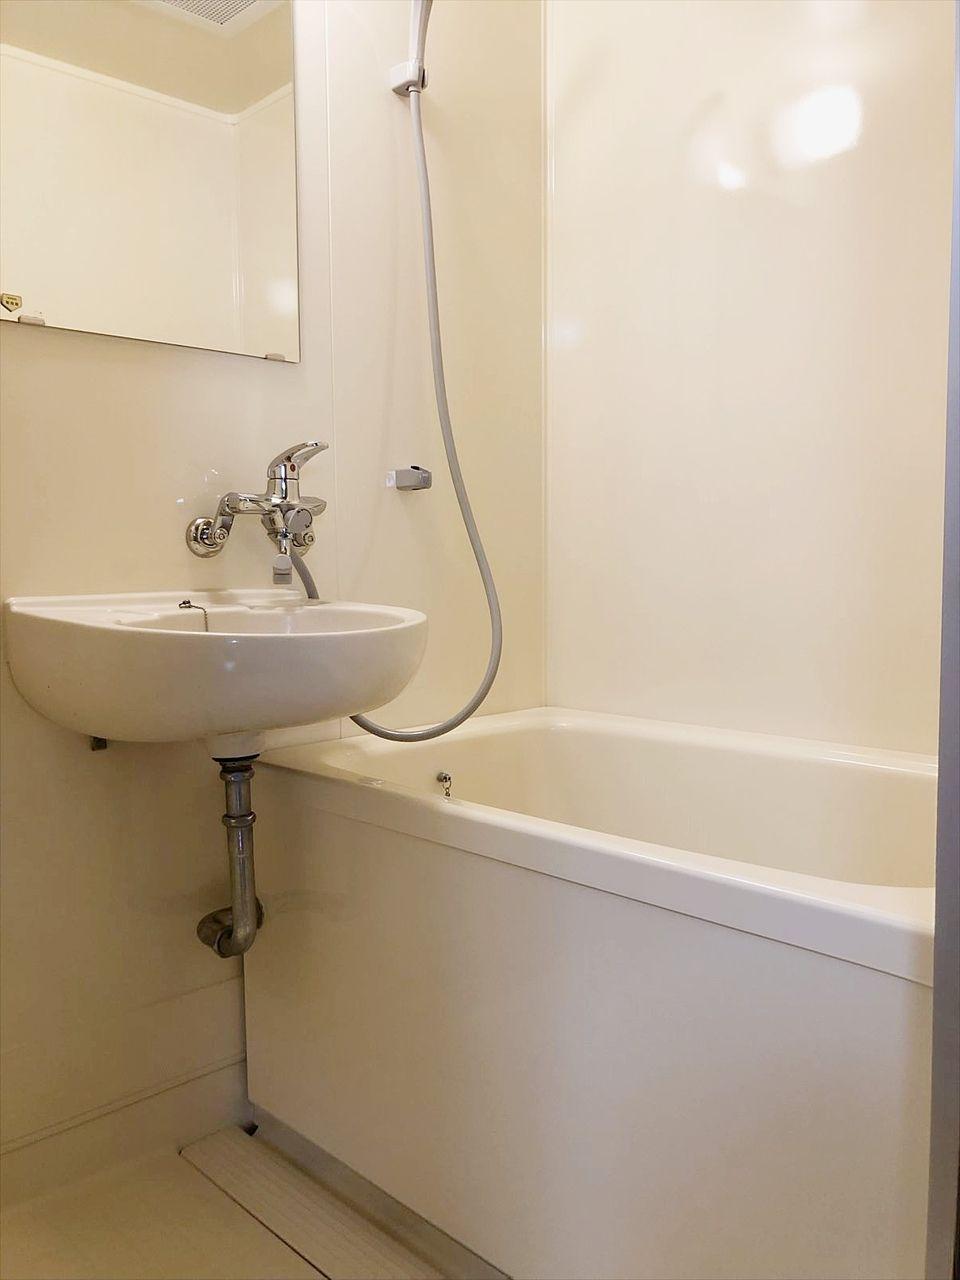 2020年に特殊塗装で綺麗に直したお風呂、ピカピカです